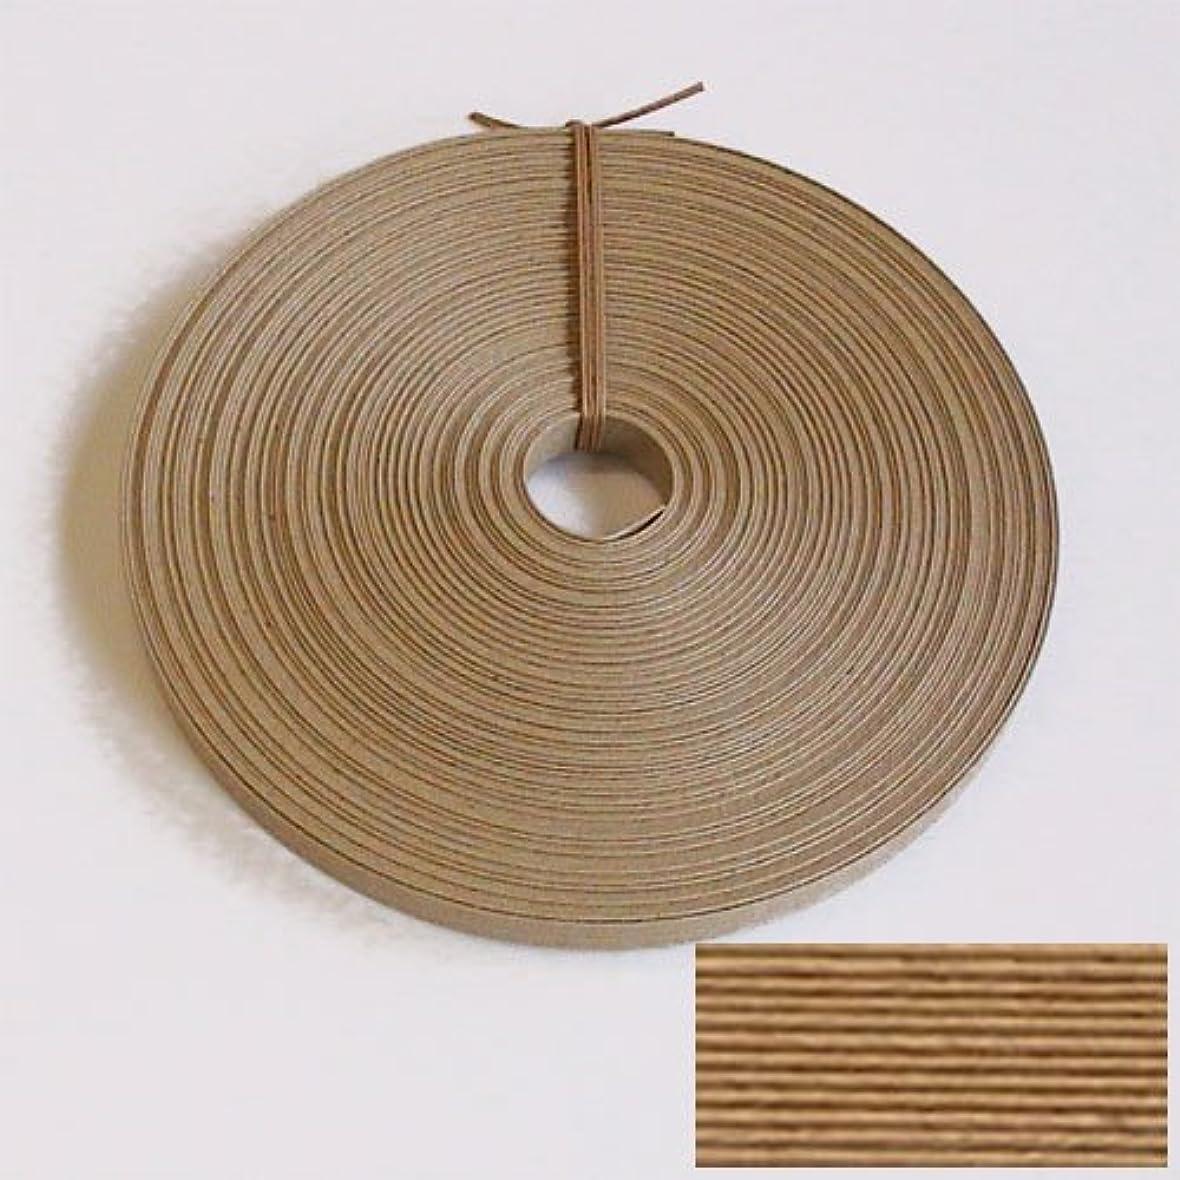 急いで規制召集する紙バンド手芸用ホビーテープ 30m巻 クラフト